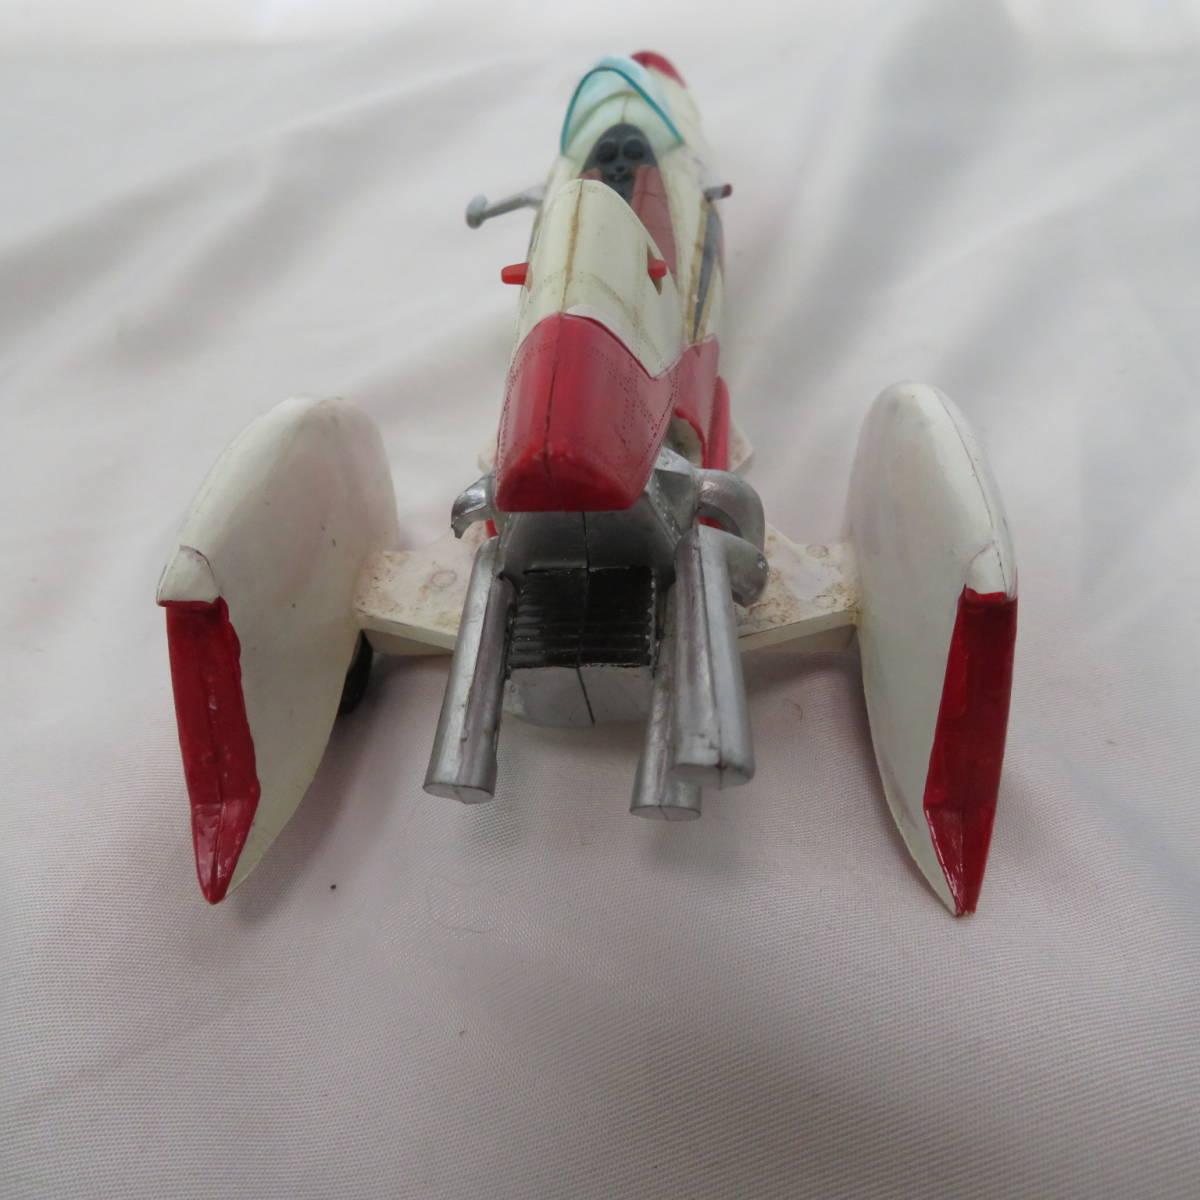 【レトロおもちゃ】タツノコプロ フレンダーカー タツノコランド 新造人間キャシャーン 1973 ジャンク品 _画像7